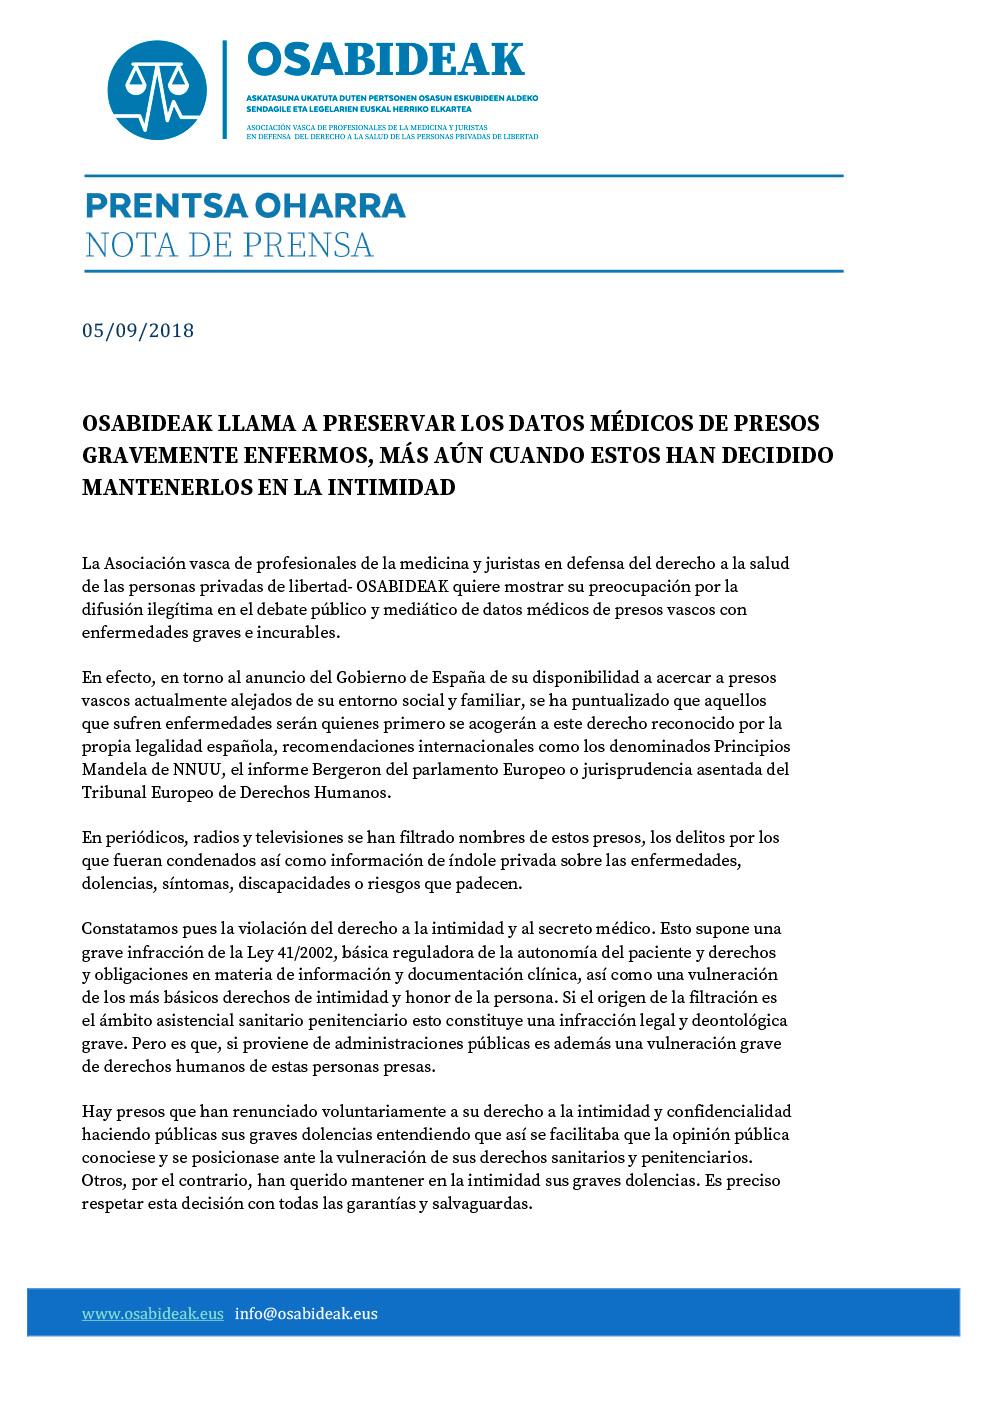 OSABIDEAK LLAMA A PRESERVAR LOS DATOS MÉDICOS DE PRESOS GRAVEMENTE ENFERMOS, MÁS AÚN CUANDO ESTOS HAN DECIDIDO MANTENERLOS EN LA INTIMIDAD